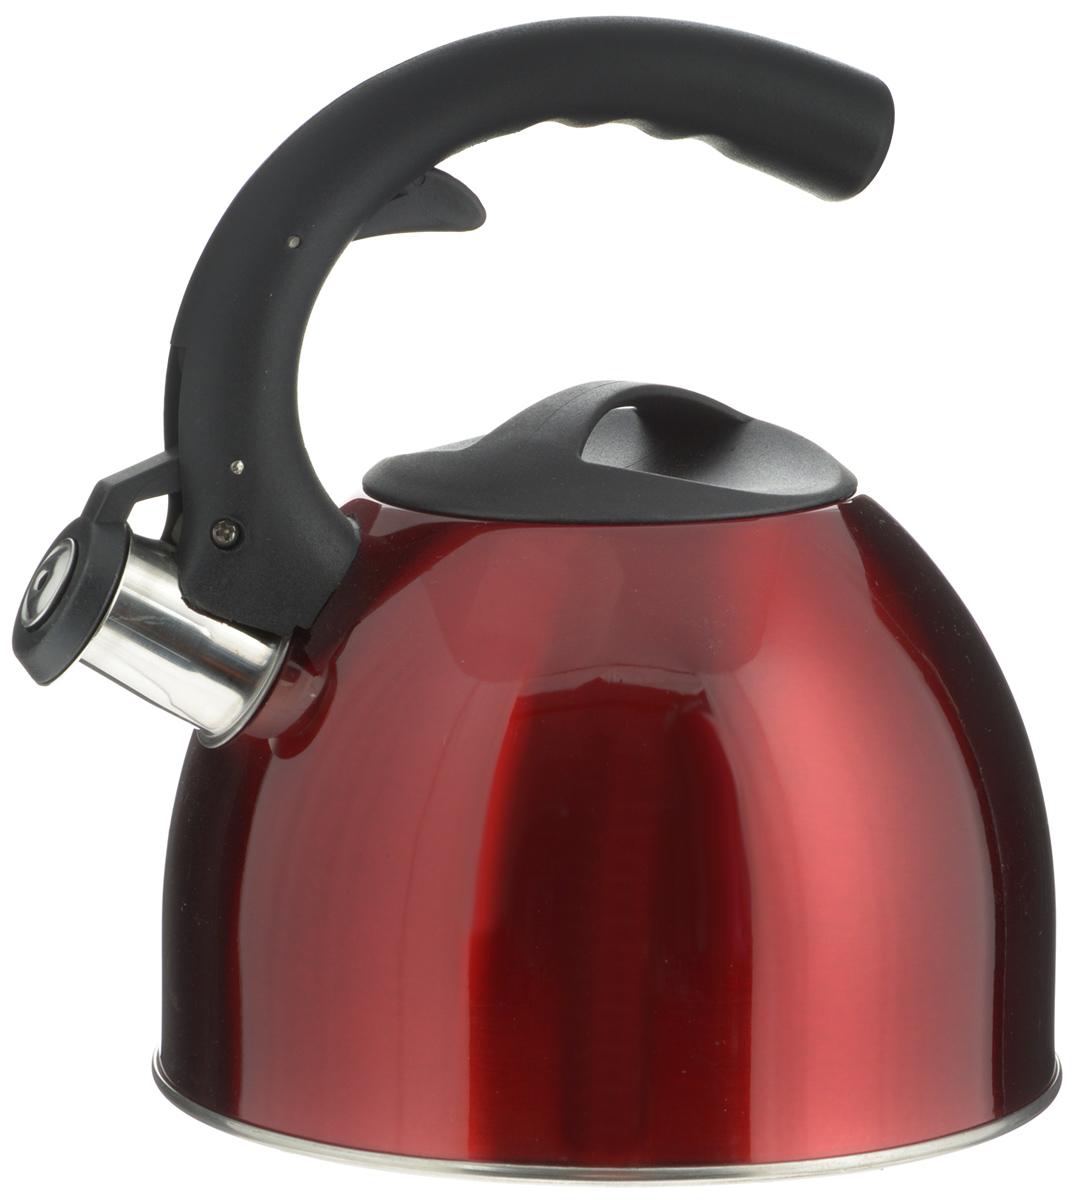 Чайник Mayer & Boch, со свистком, цвет: красный, 2,5 л. 2319723197_красныйЧайник Mayer & Boch изготовлен из высококачественной нержавеющей стали. Гладкая и ровная поверхность существенно облегчает уход. Чайник оснащен удобной нейлоновой ручкой, которая не нагревается даже при продолжительном периоде нагрева воды. Носик чайника имеет насадку-свисток, что позволит вам контролировать процесс подогрева или кипячения воды. Выполненный из качественных материалов, чайник Mayer & Boch при кипячении сохраняет все полезные свойства воды. Чайник пригоден для использования на всех типах плит, кроме индукционных. Можно мыть в посудомоечной машине. Высота чайника (без учета ручек): 12 см.Высота чайника (с учетом ручки): 22,5 см.